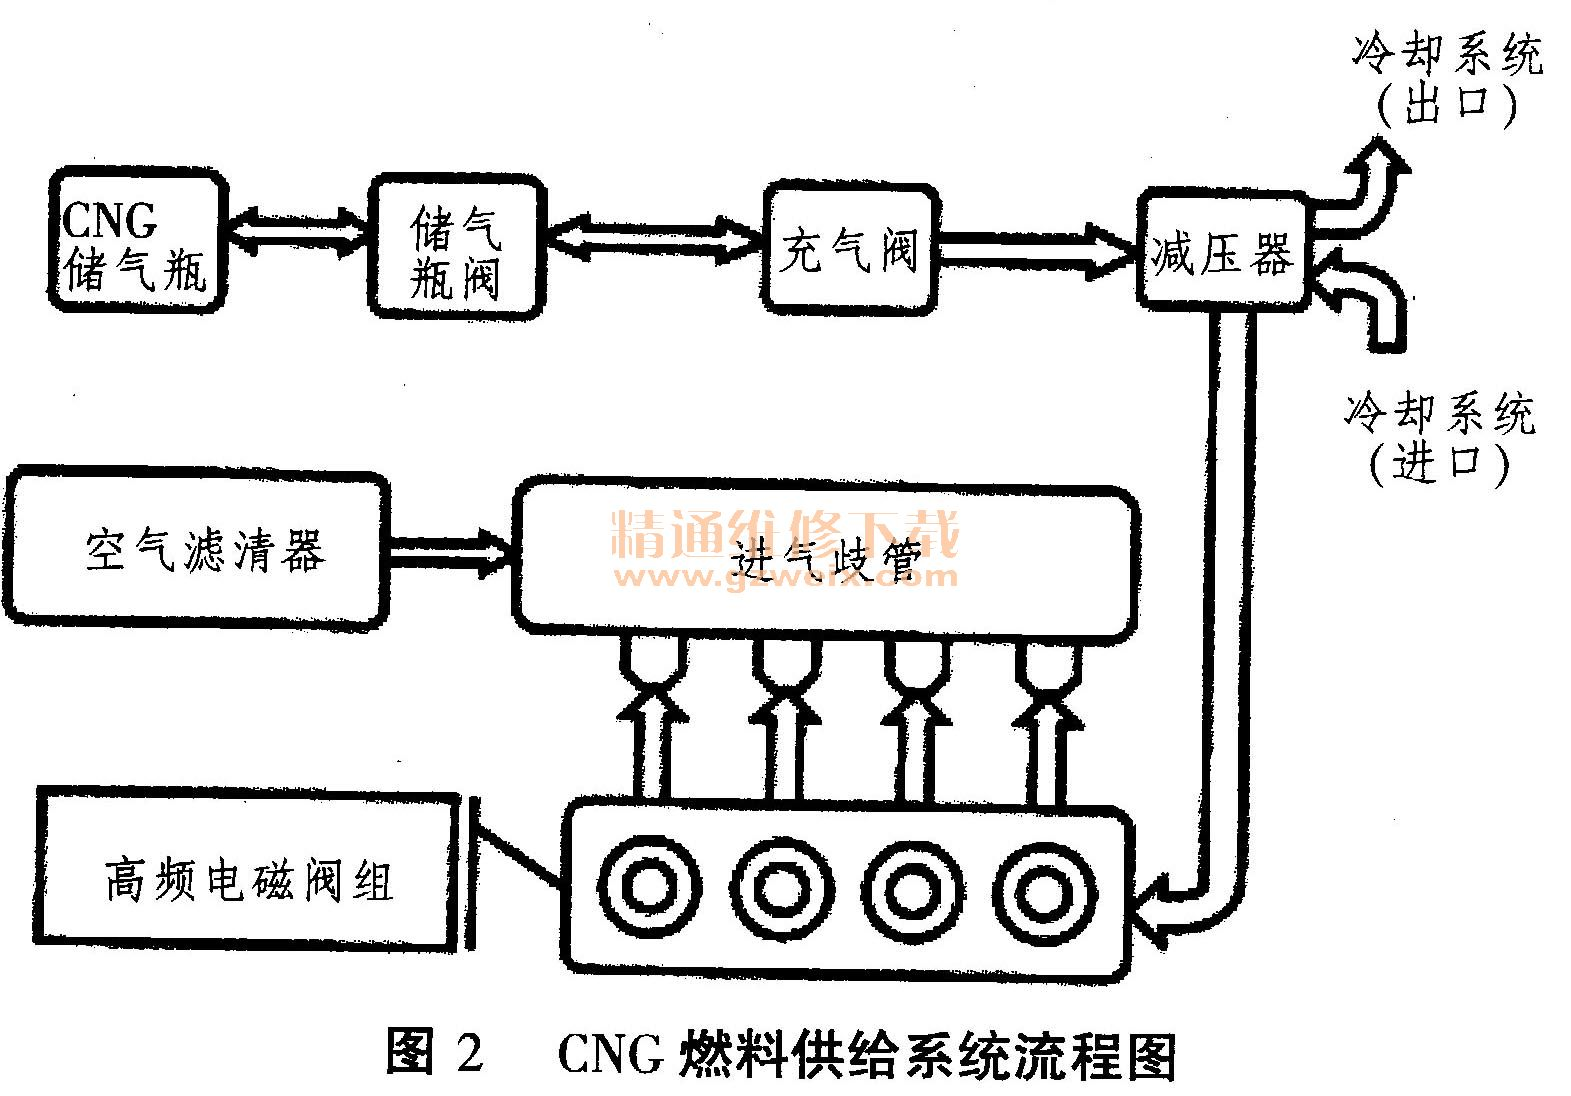 捷达电控双燃料发动机浅析高清图片